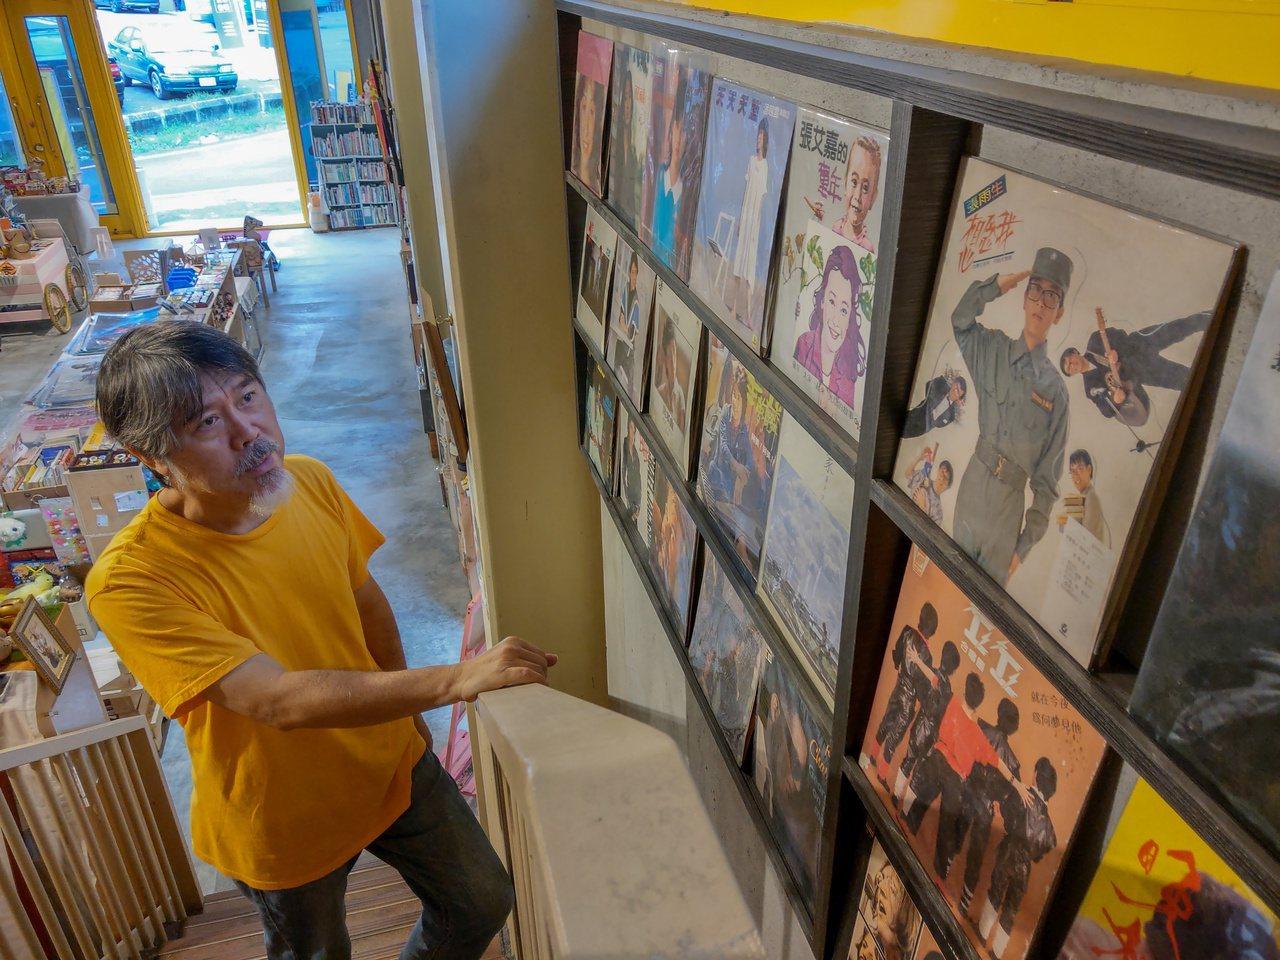 呂健吉熱愛挖寶,書棧收藏他40年來珍藏的黑膠唱片以及電影海報。 圖/張議晨 攝影